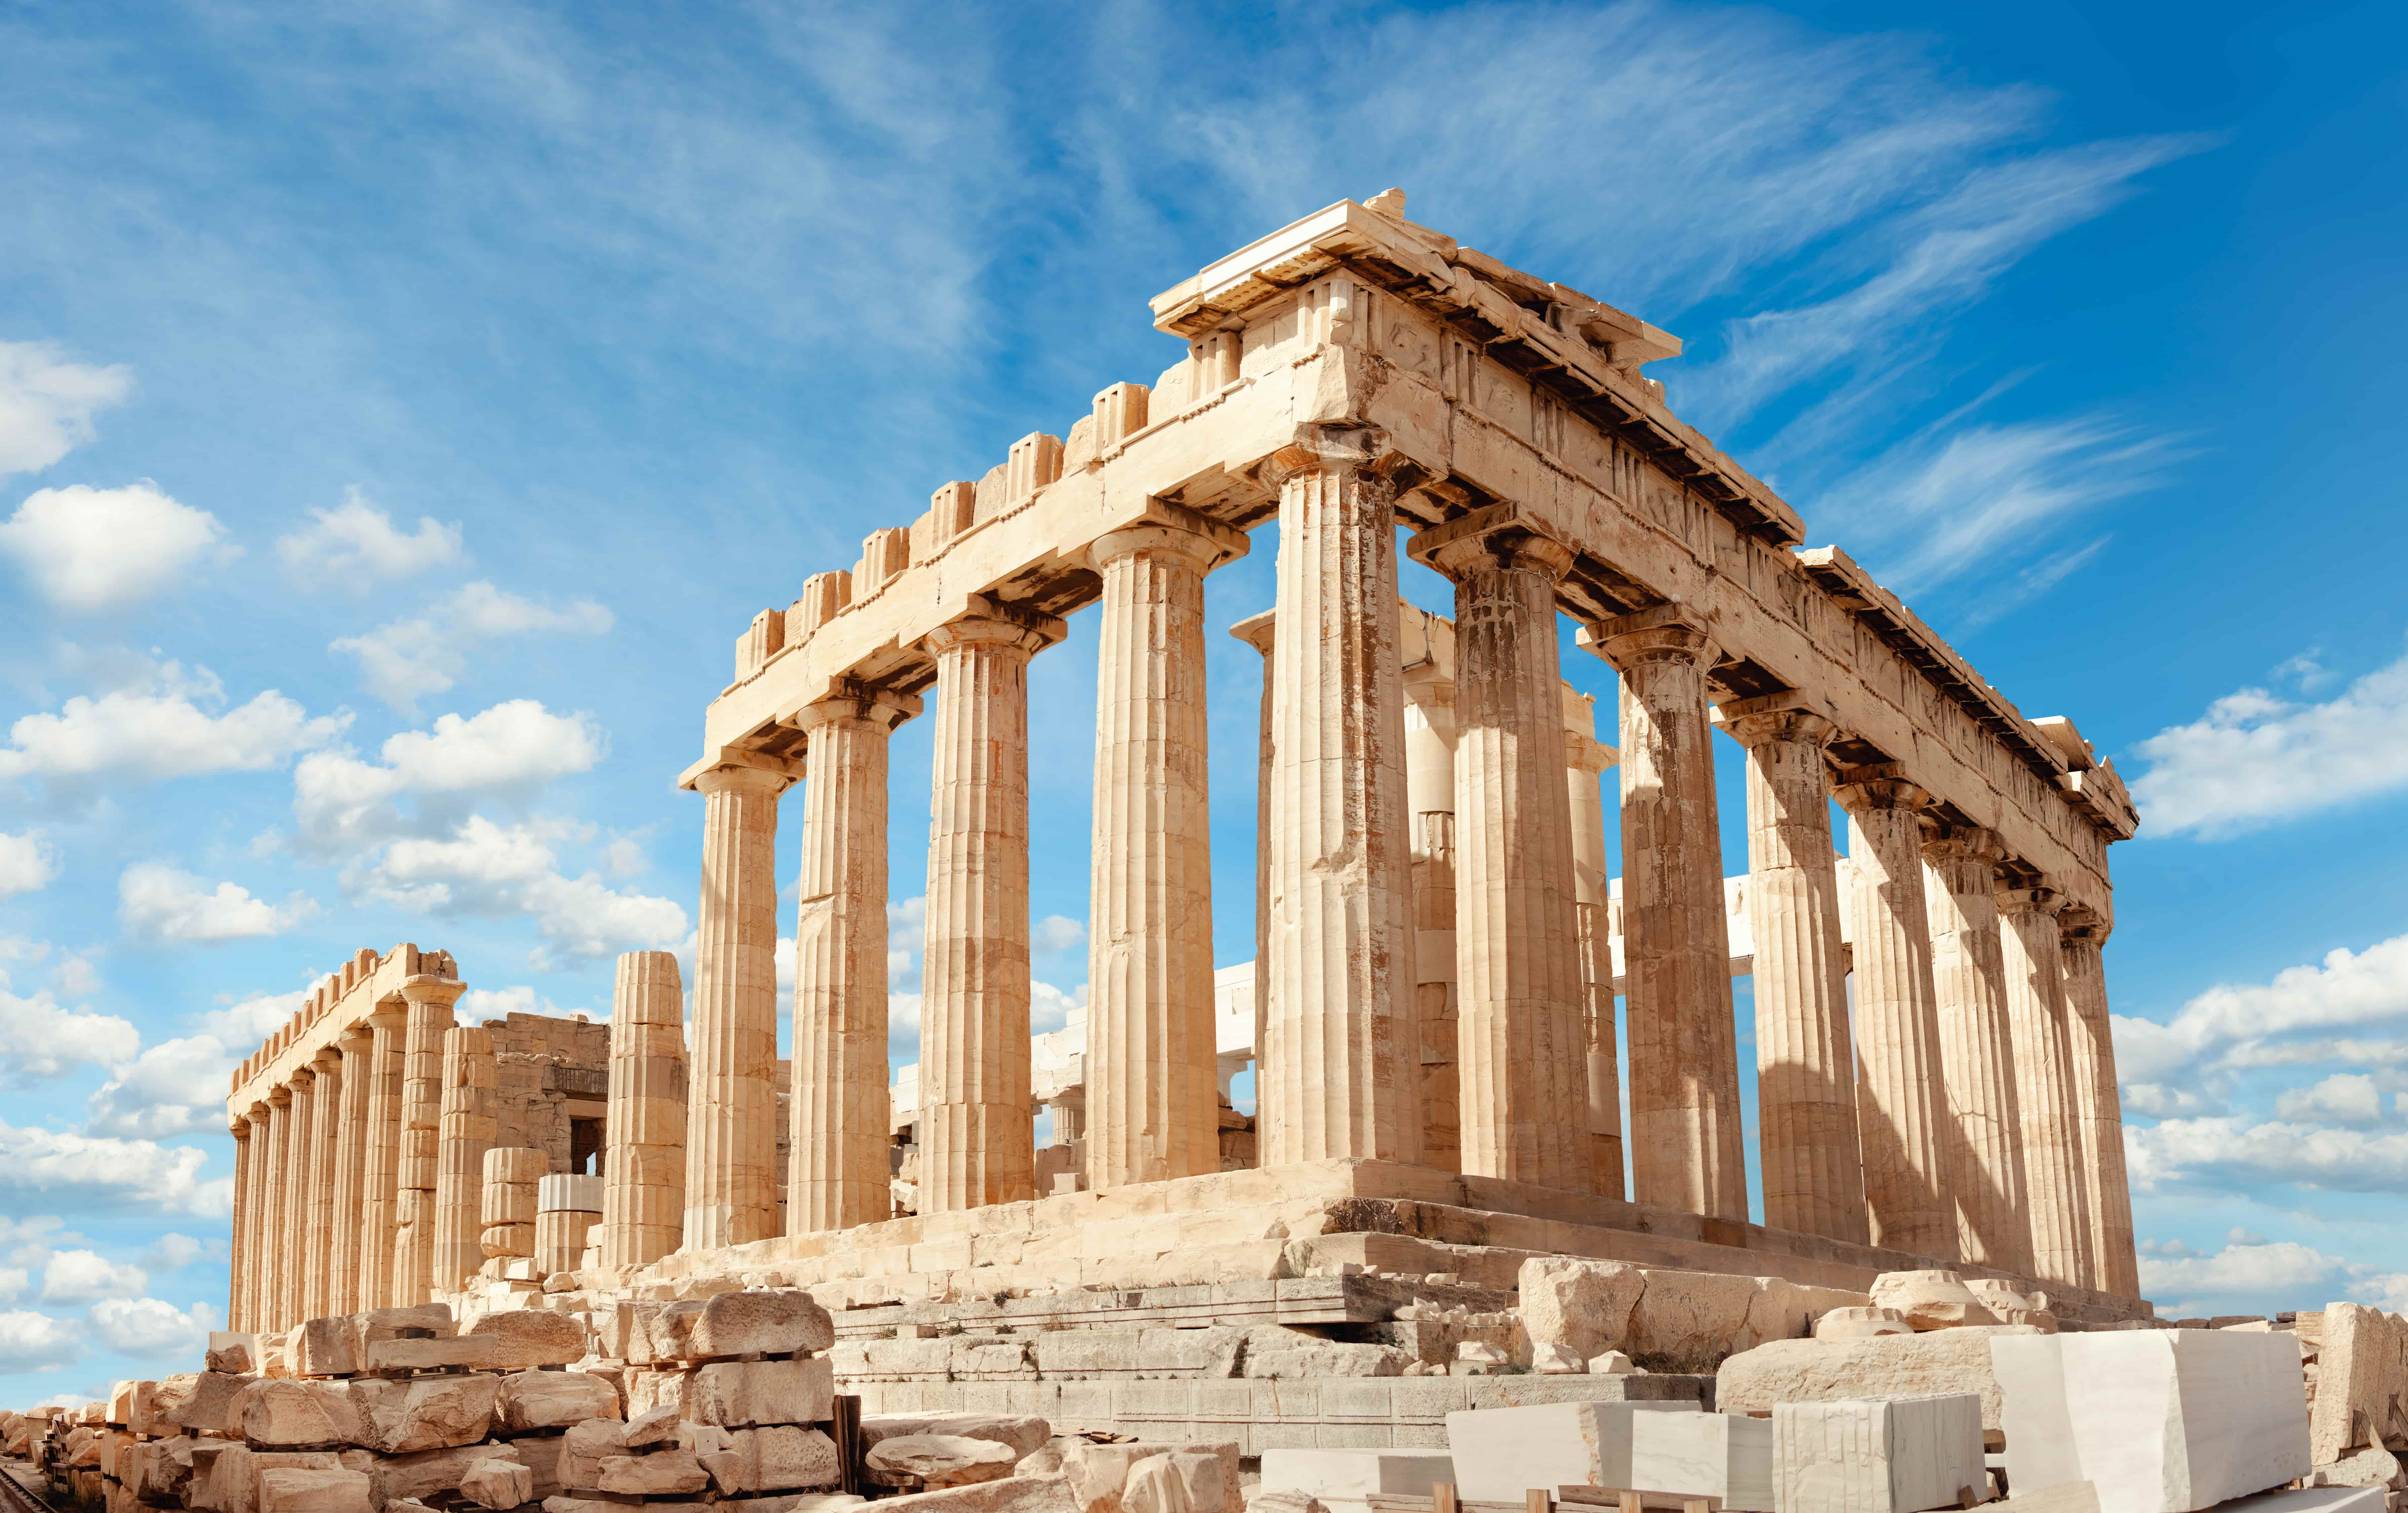 Athènes_Grece_Parthenon on the Acropolis in Athens, Greece